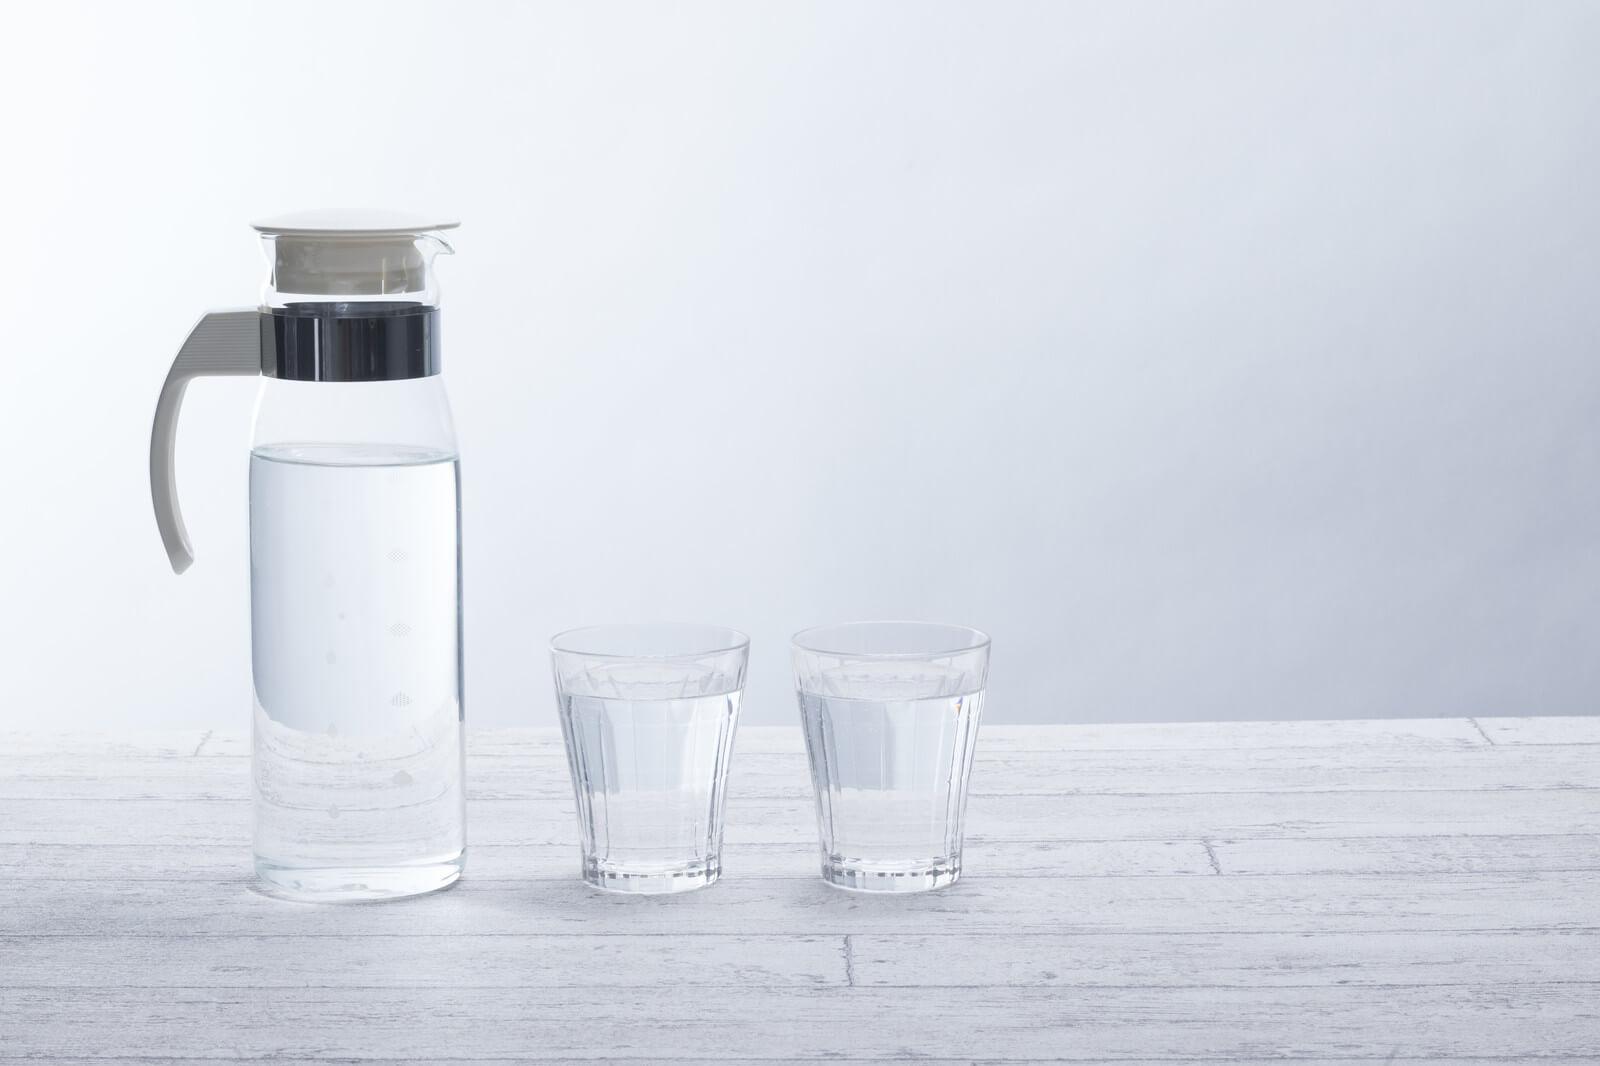 【熱中症対策】お茶や水では熱中症が悪化する恐れあり!?